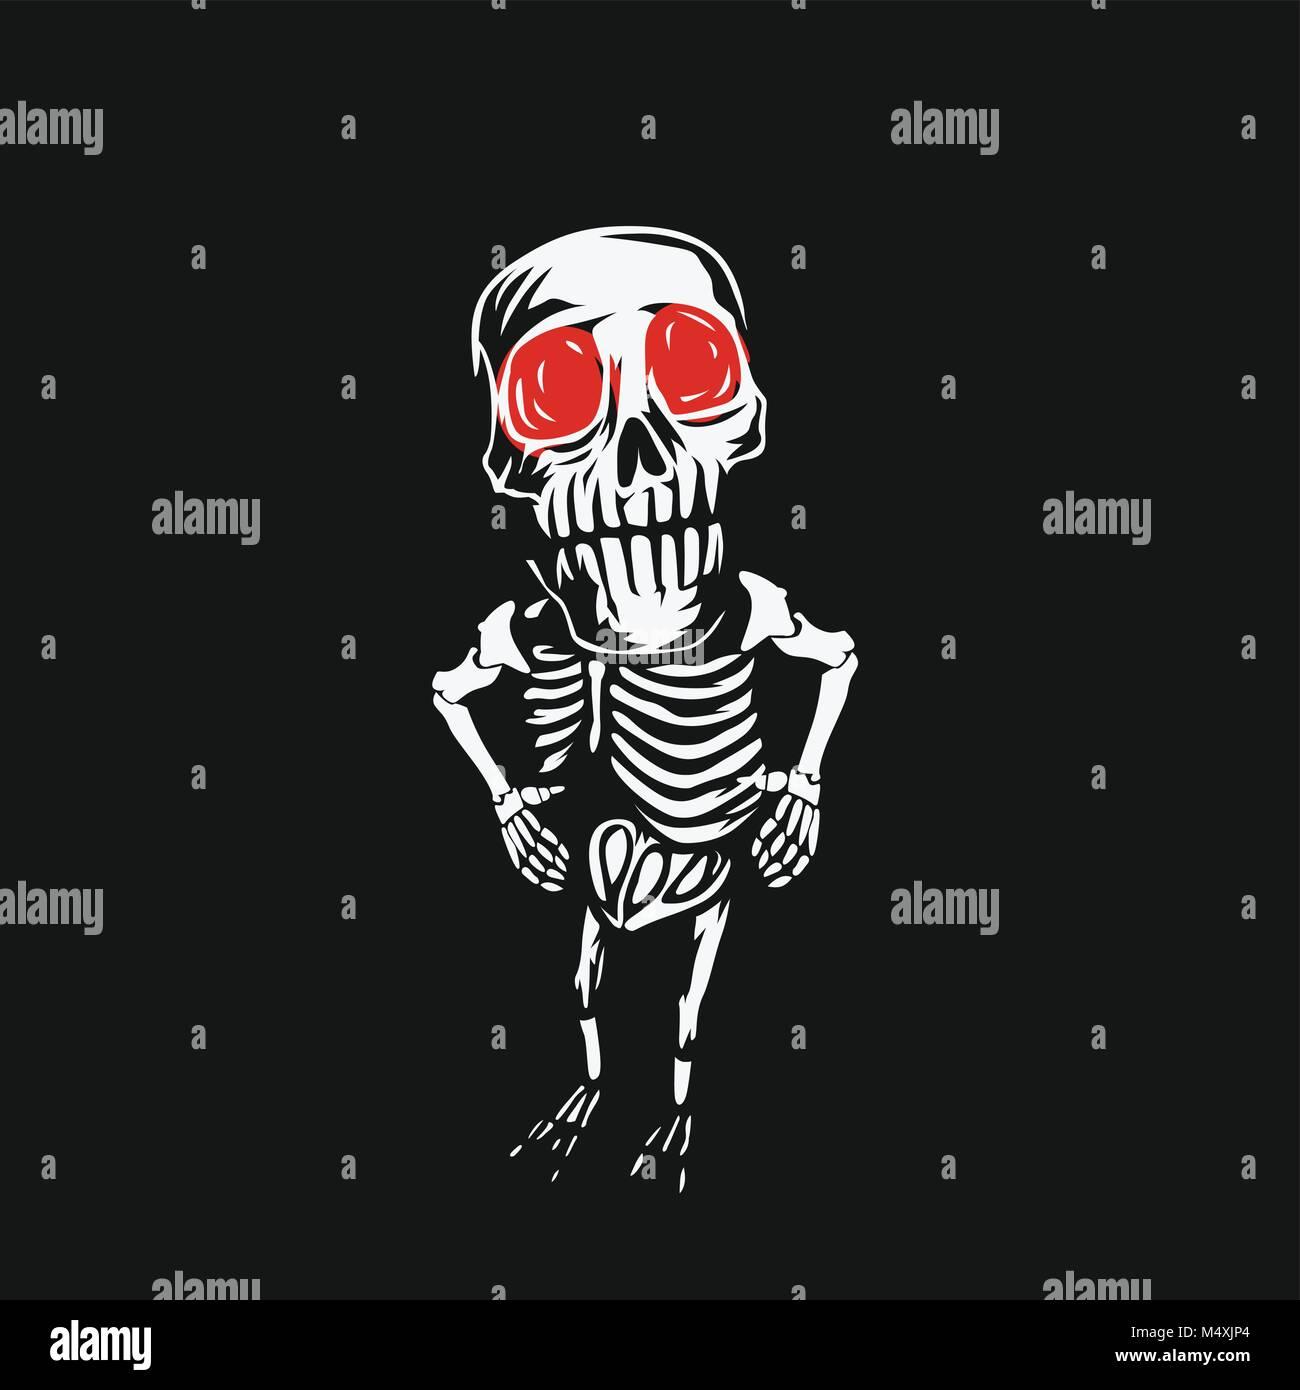 Lo scheletro cranio con occhi rossi su sfondo nero illustrazione